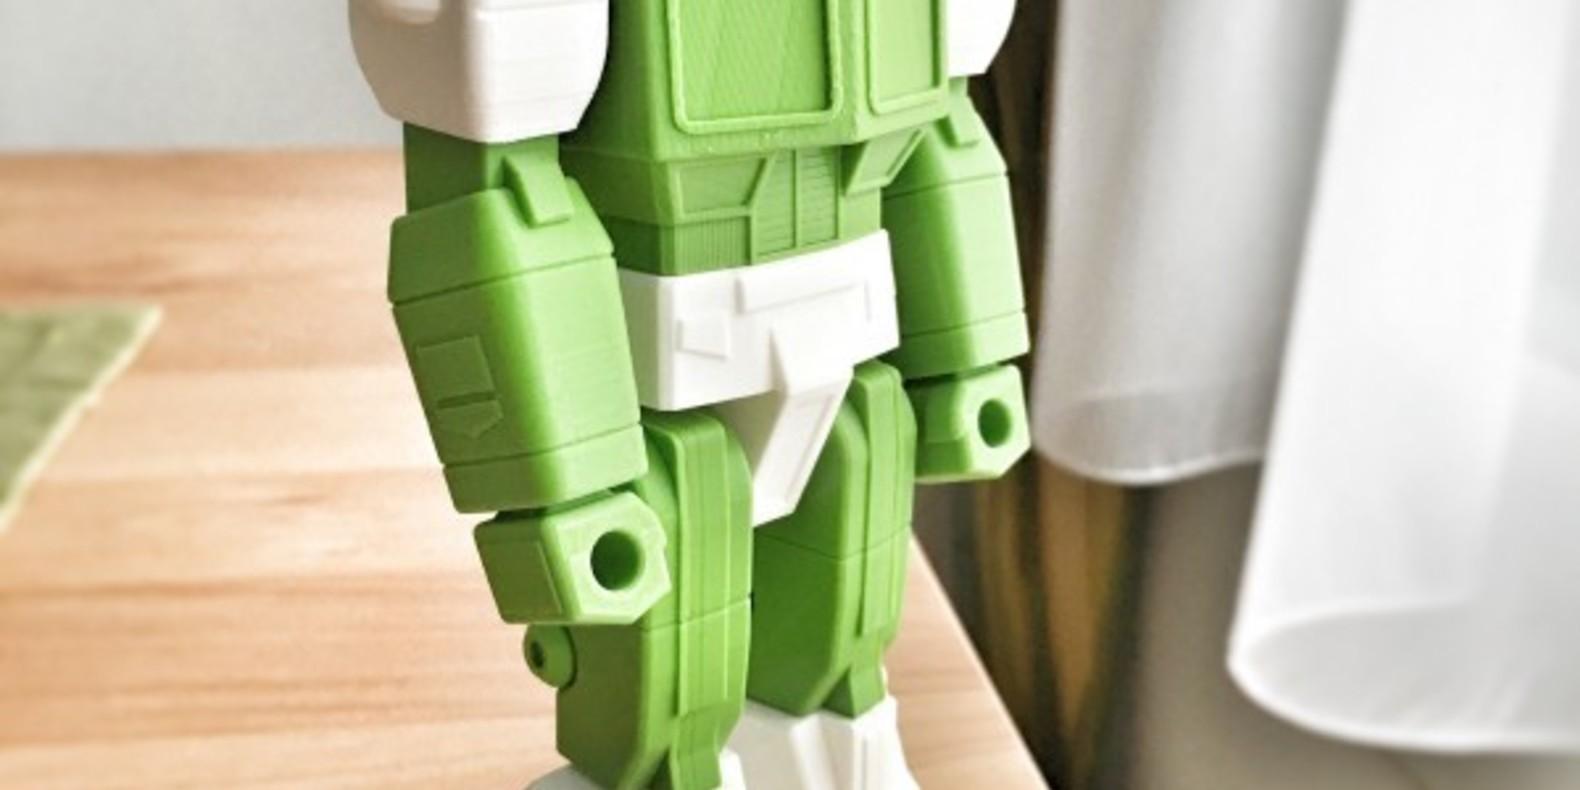 Optimus Prime imprimé en 3D transformers action masters 3D printed fichier STL guvrnor cults 3